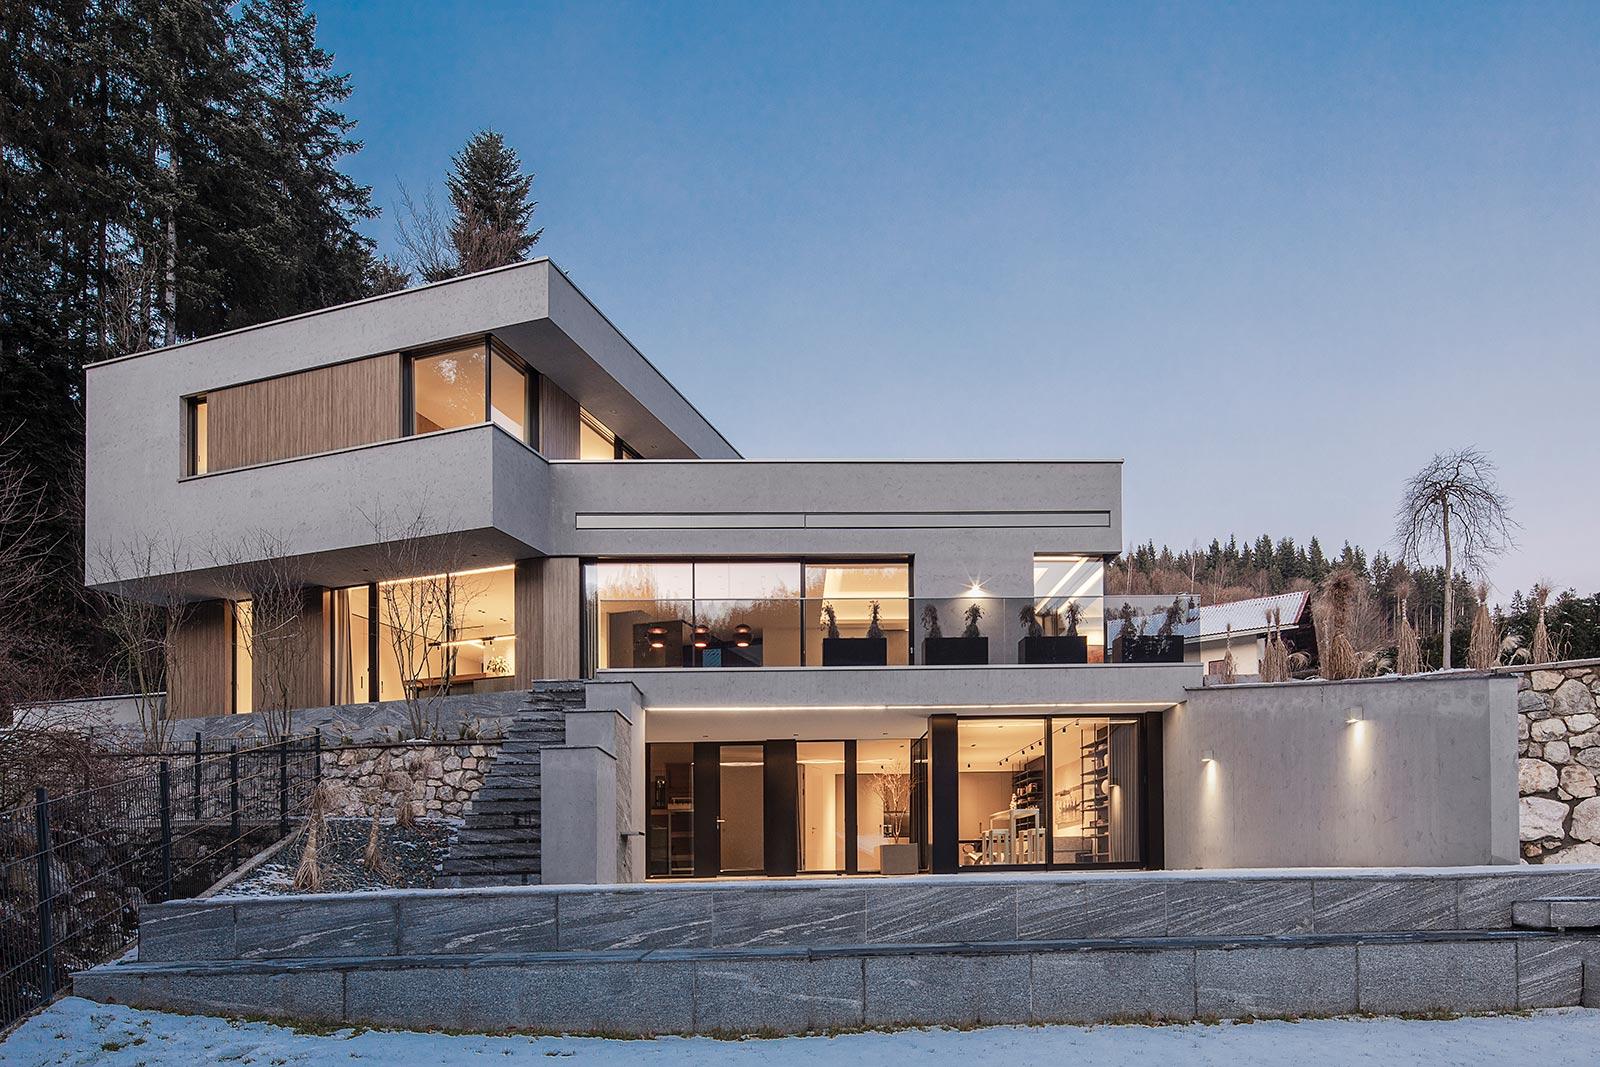 aussenaufnahme, Wohnhaus, Architektur